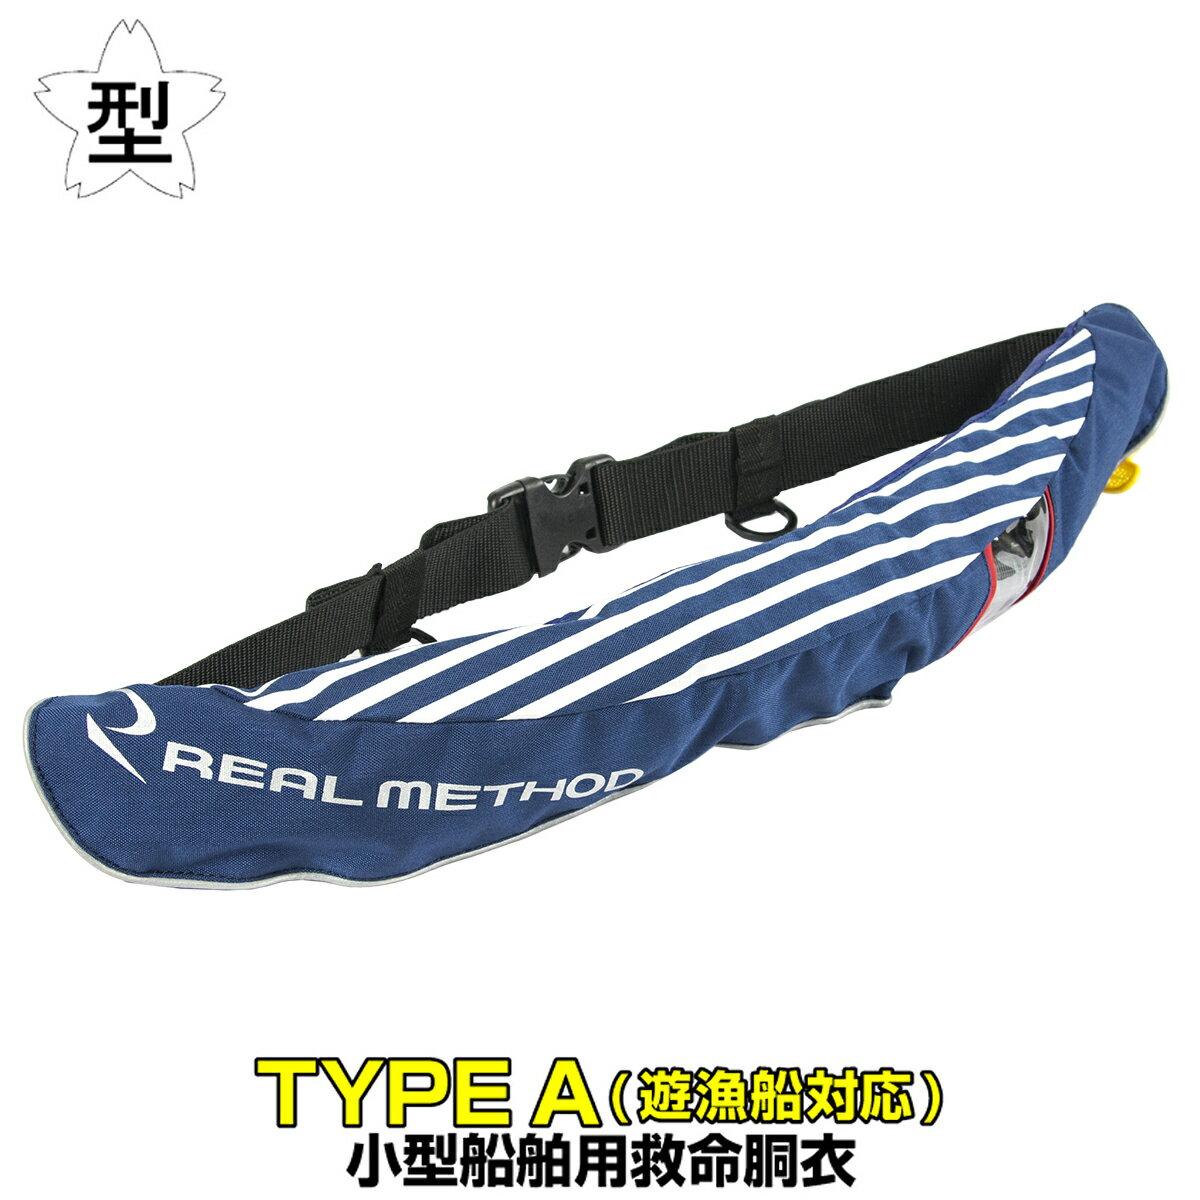 タカミヤ REALMETHOD 自動膨張式ライフジャケット ウエストベルトタイプ RM-5520RS ネイビーストライプ ※遊漁船対応